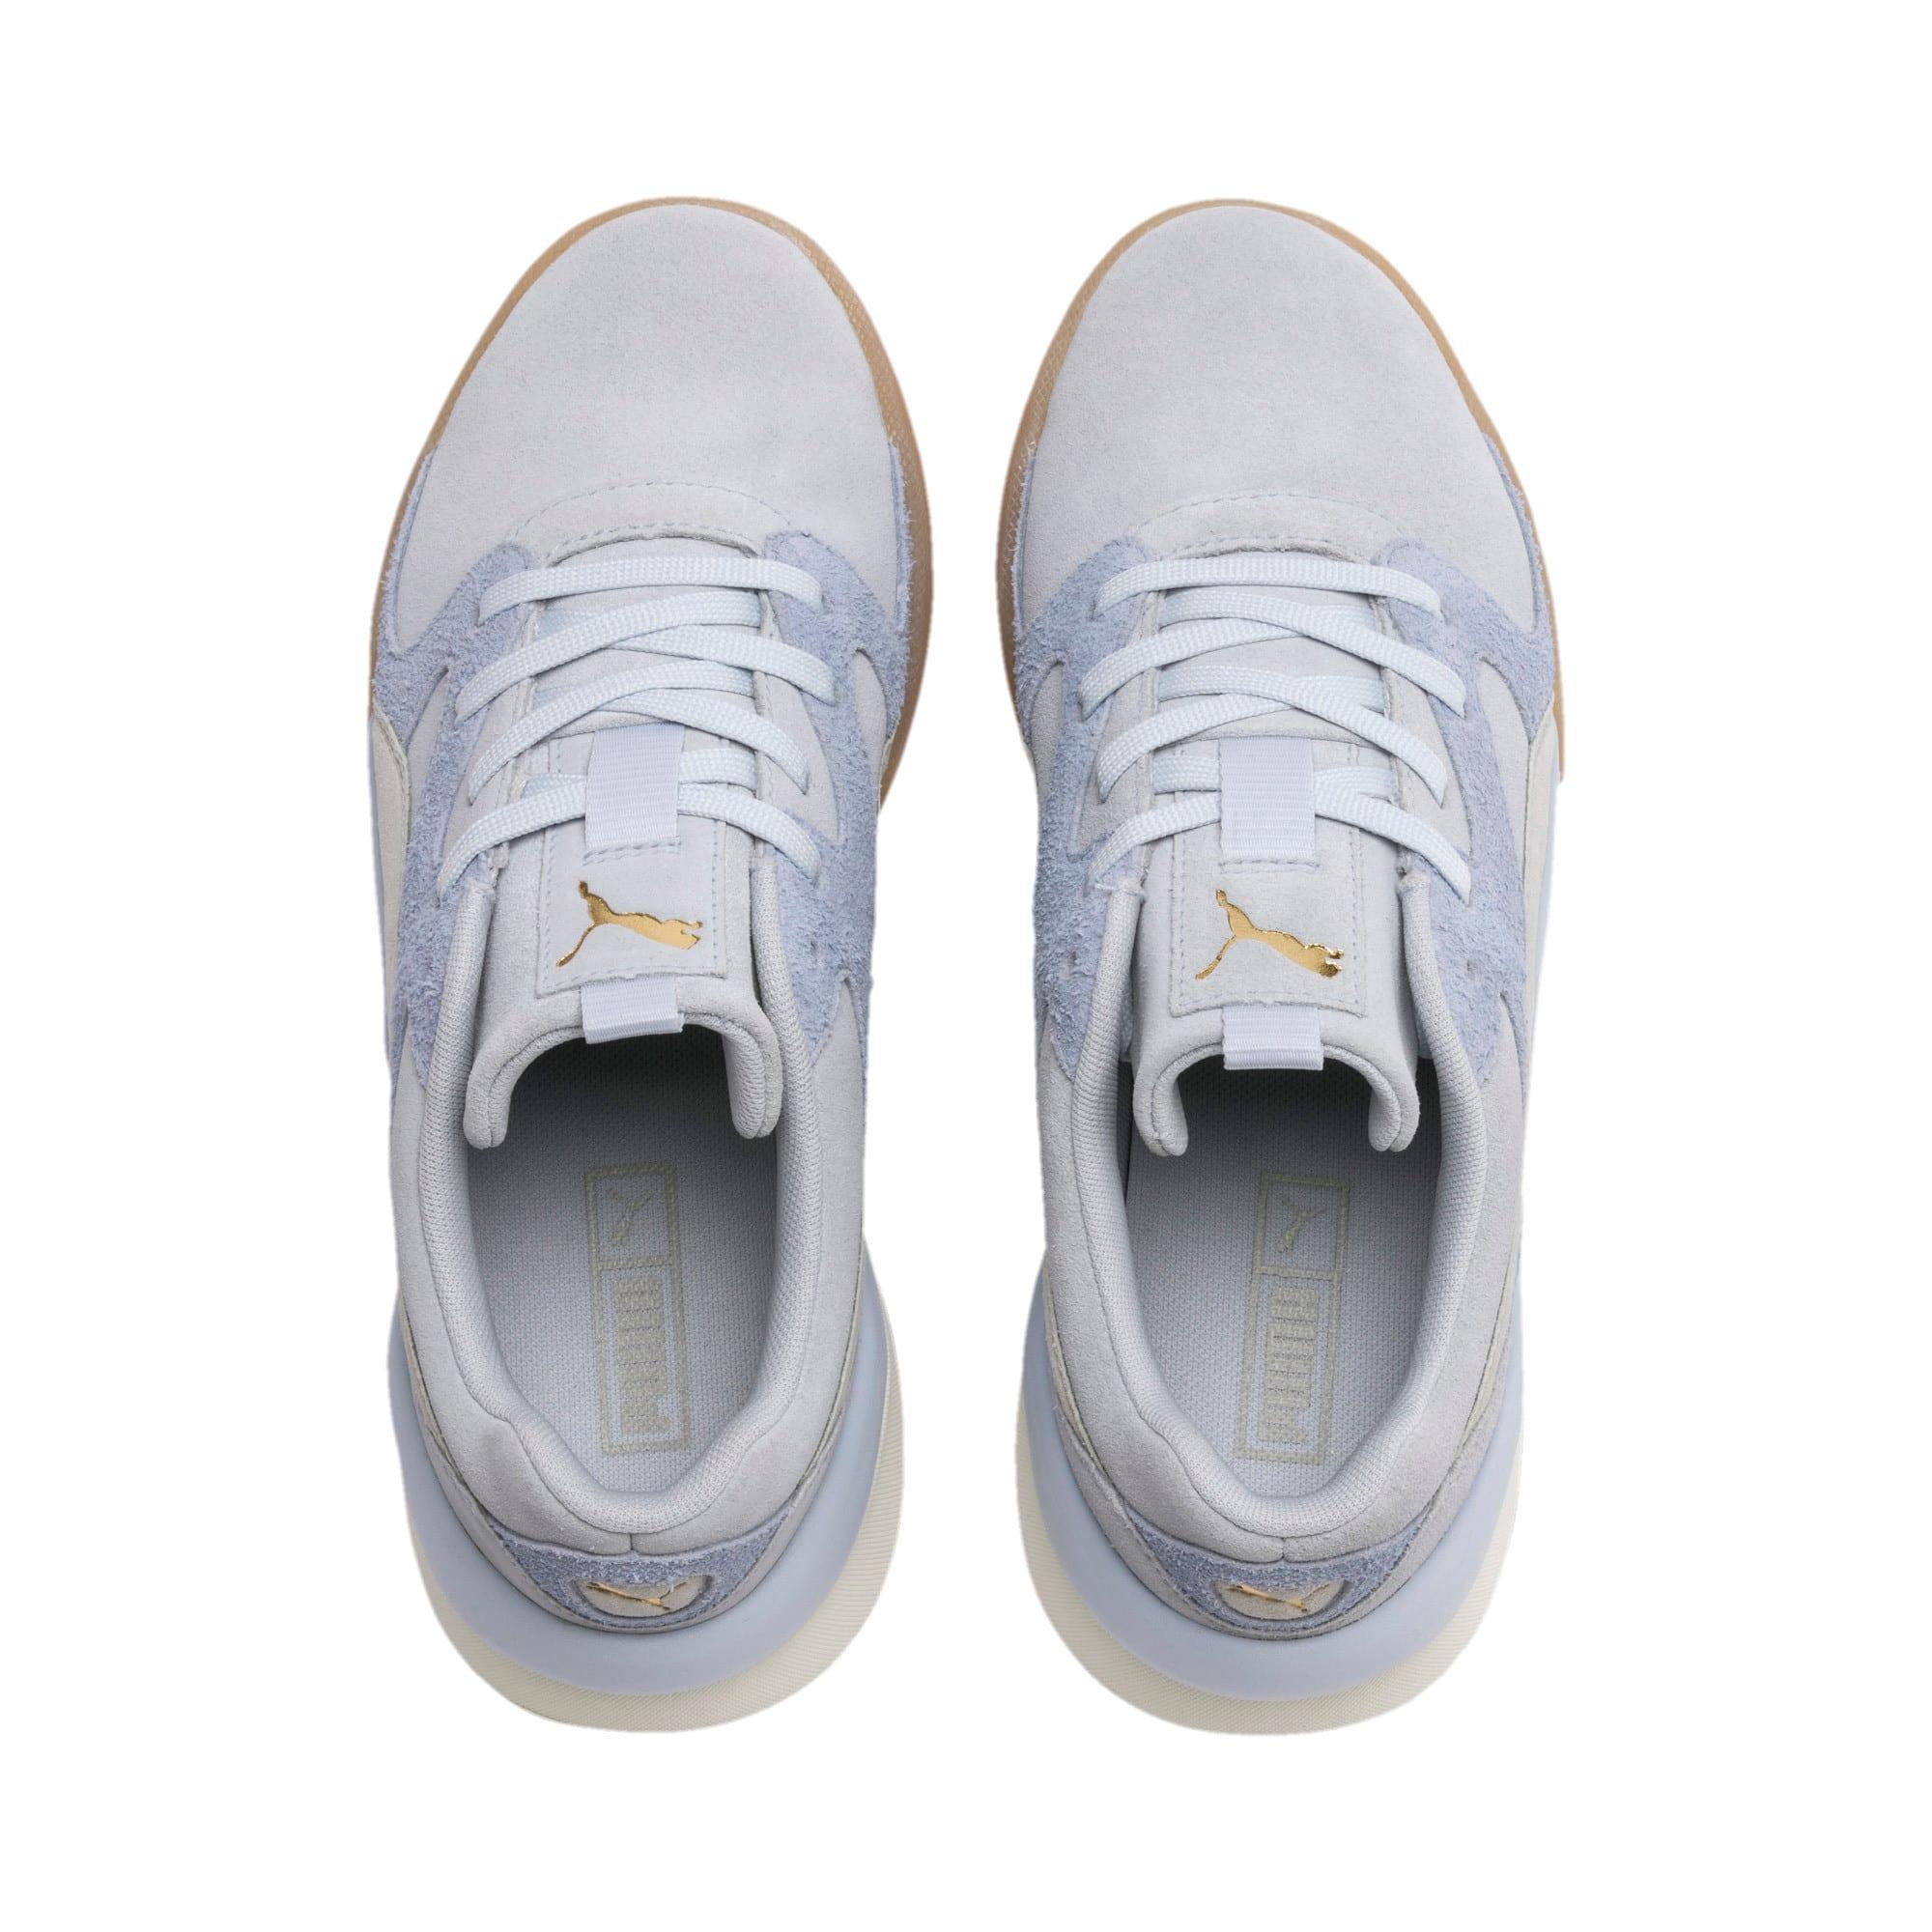 Thumbnail 7 of Aeon Rewind Women's Sneakers, Heather, medium